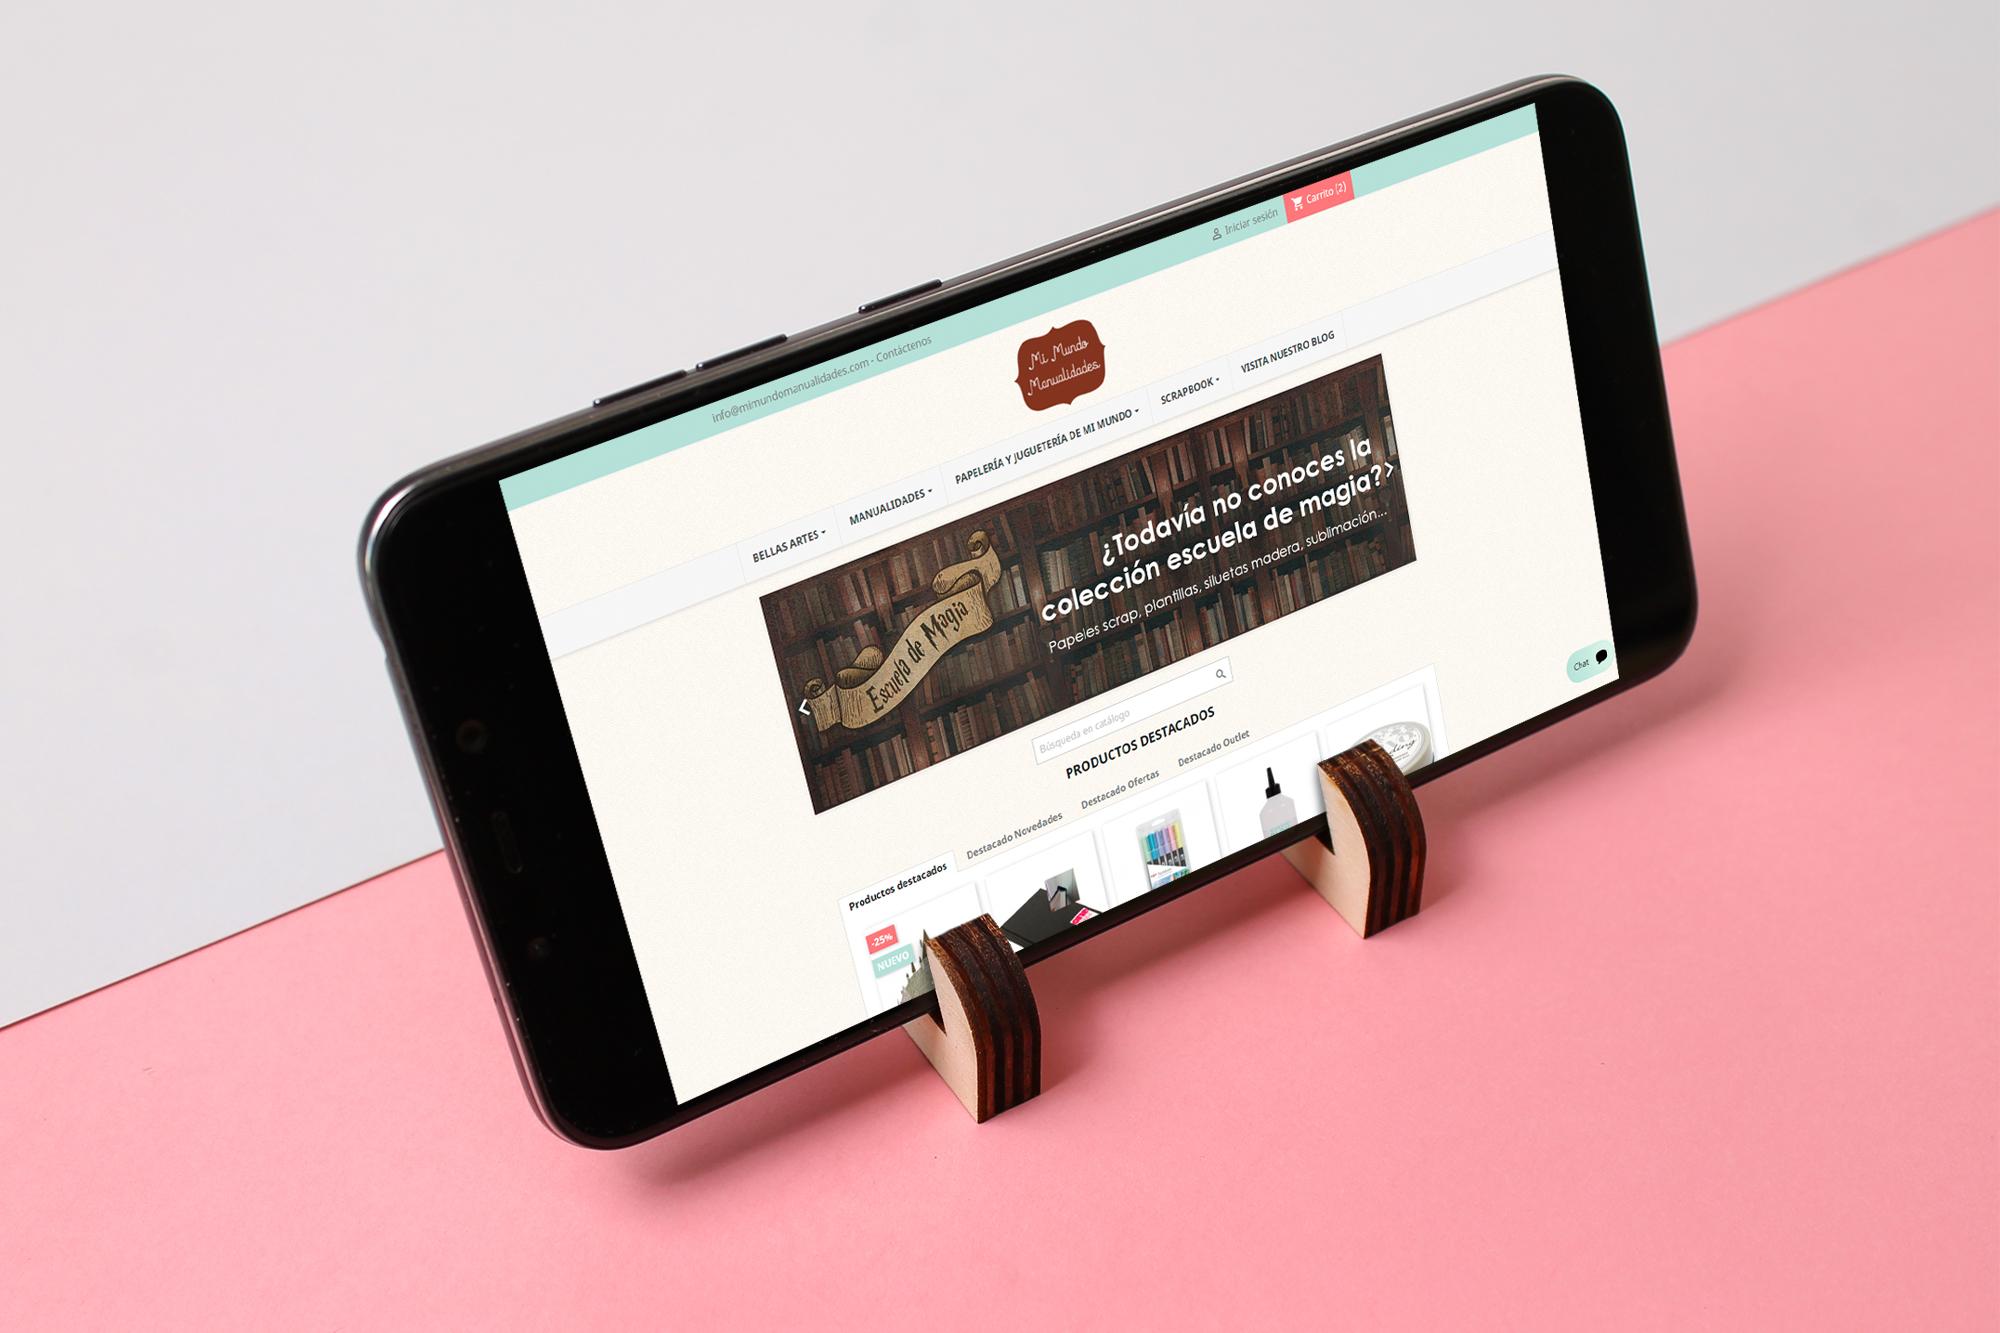 Soporte para el móvil para ver vídeos, webs, tutoriales